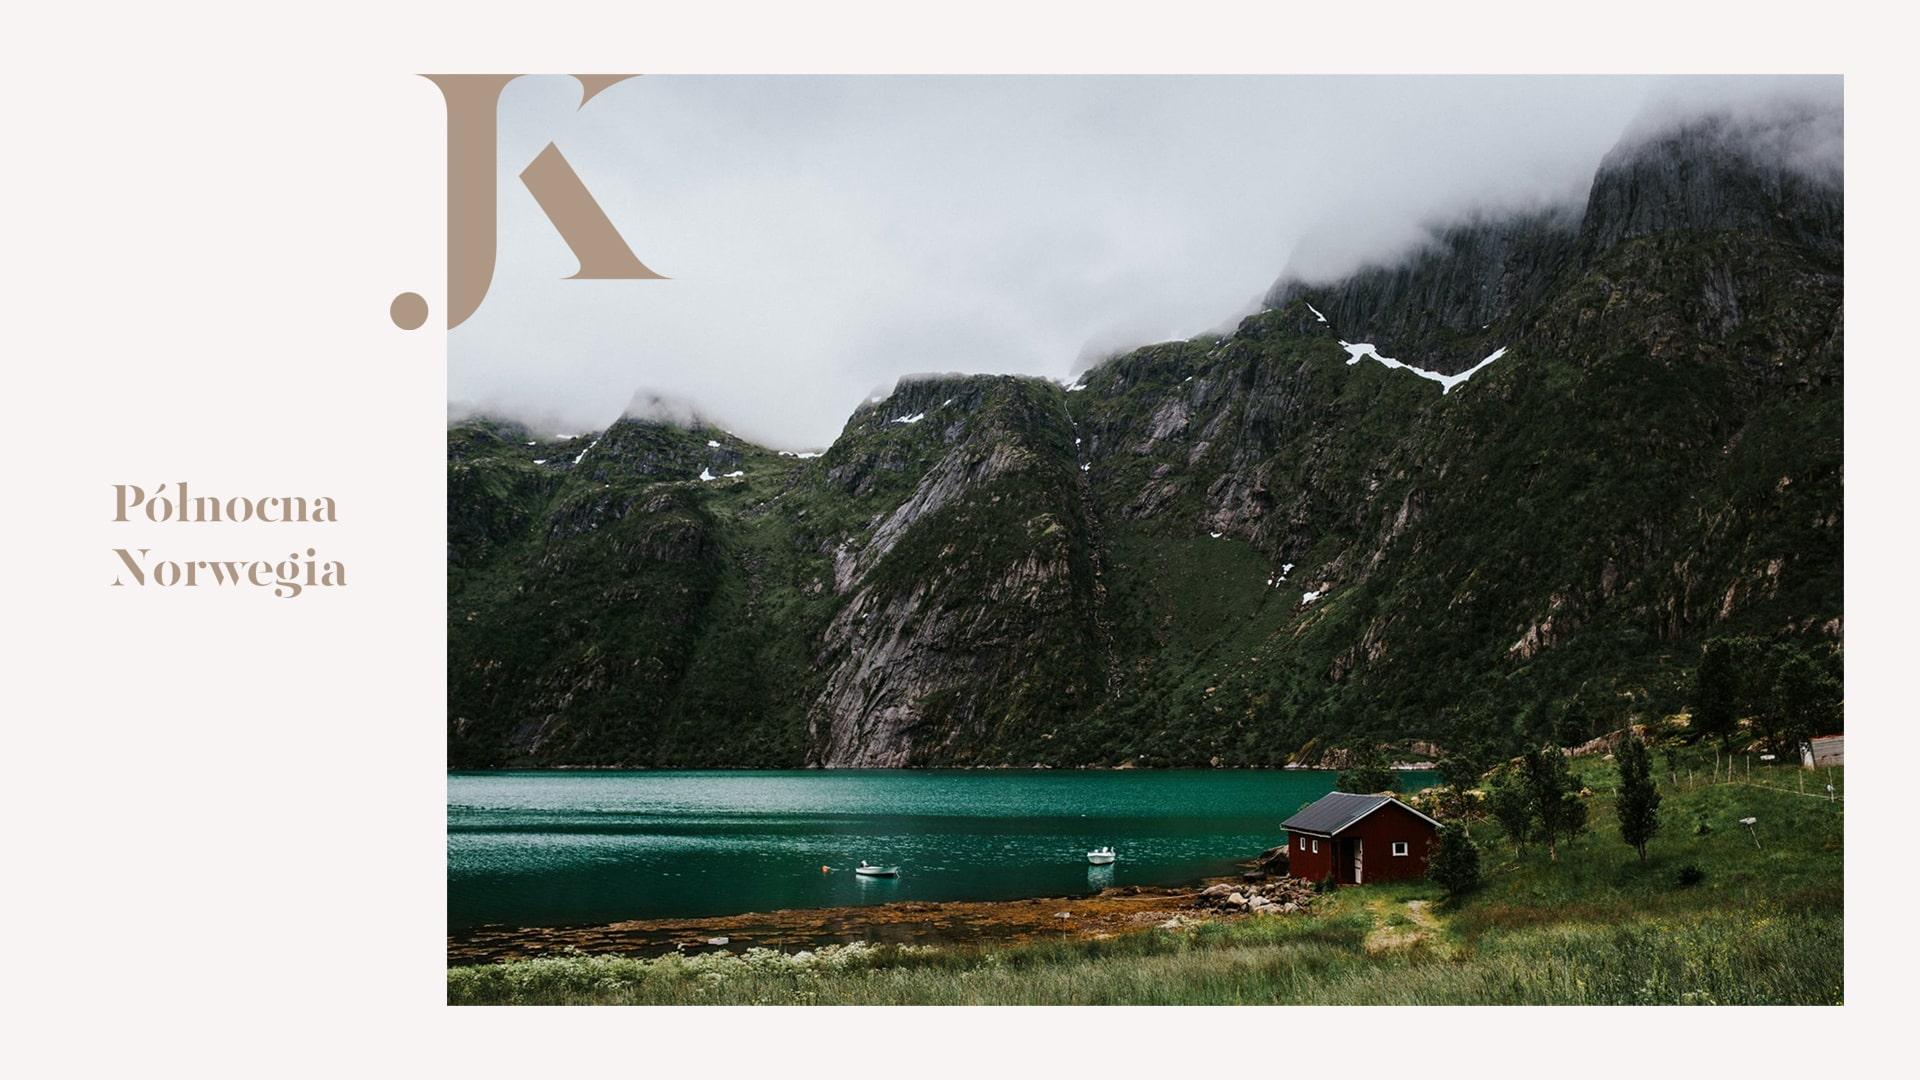 jk_2-min